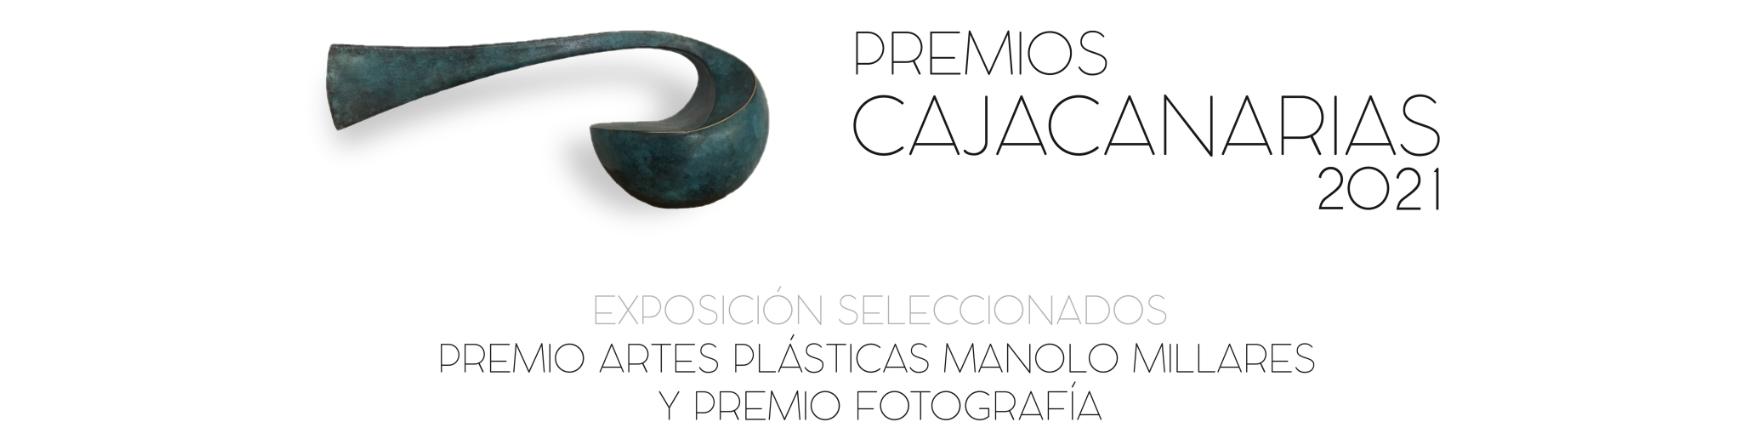 cabecera expo premios cc 2021